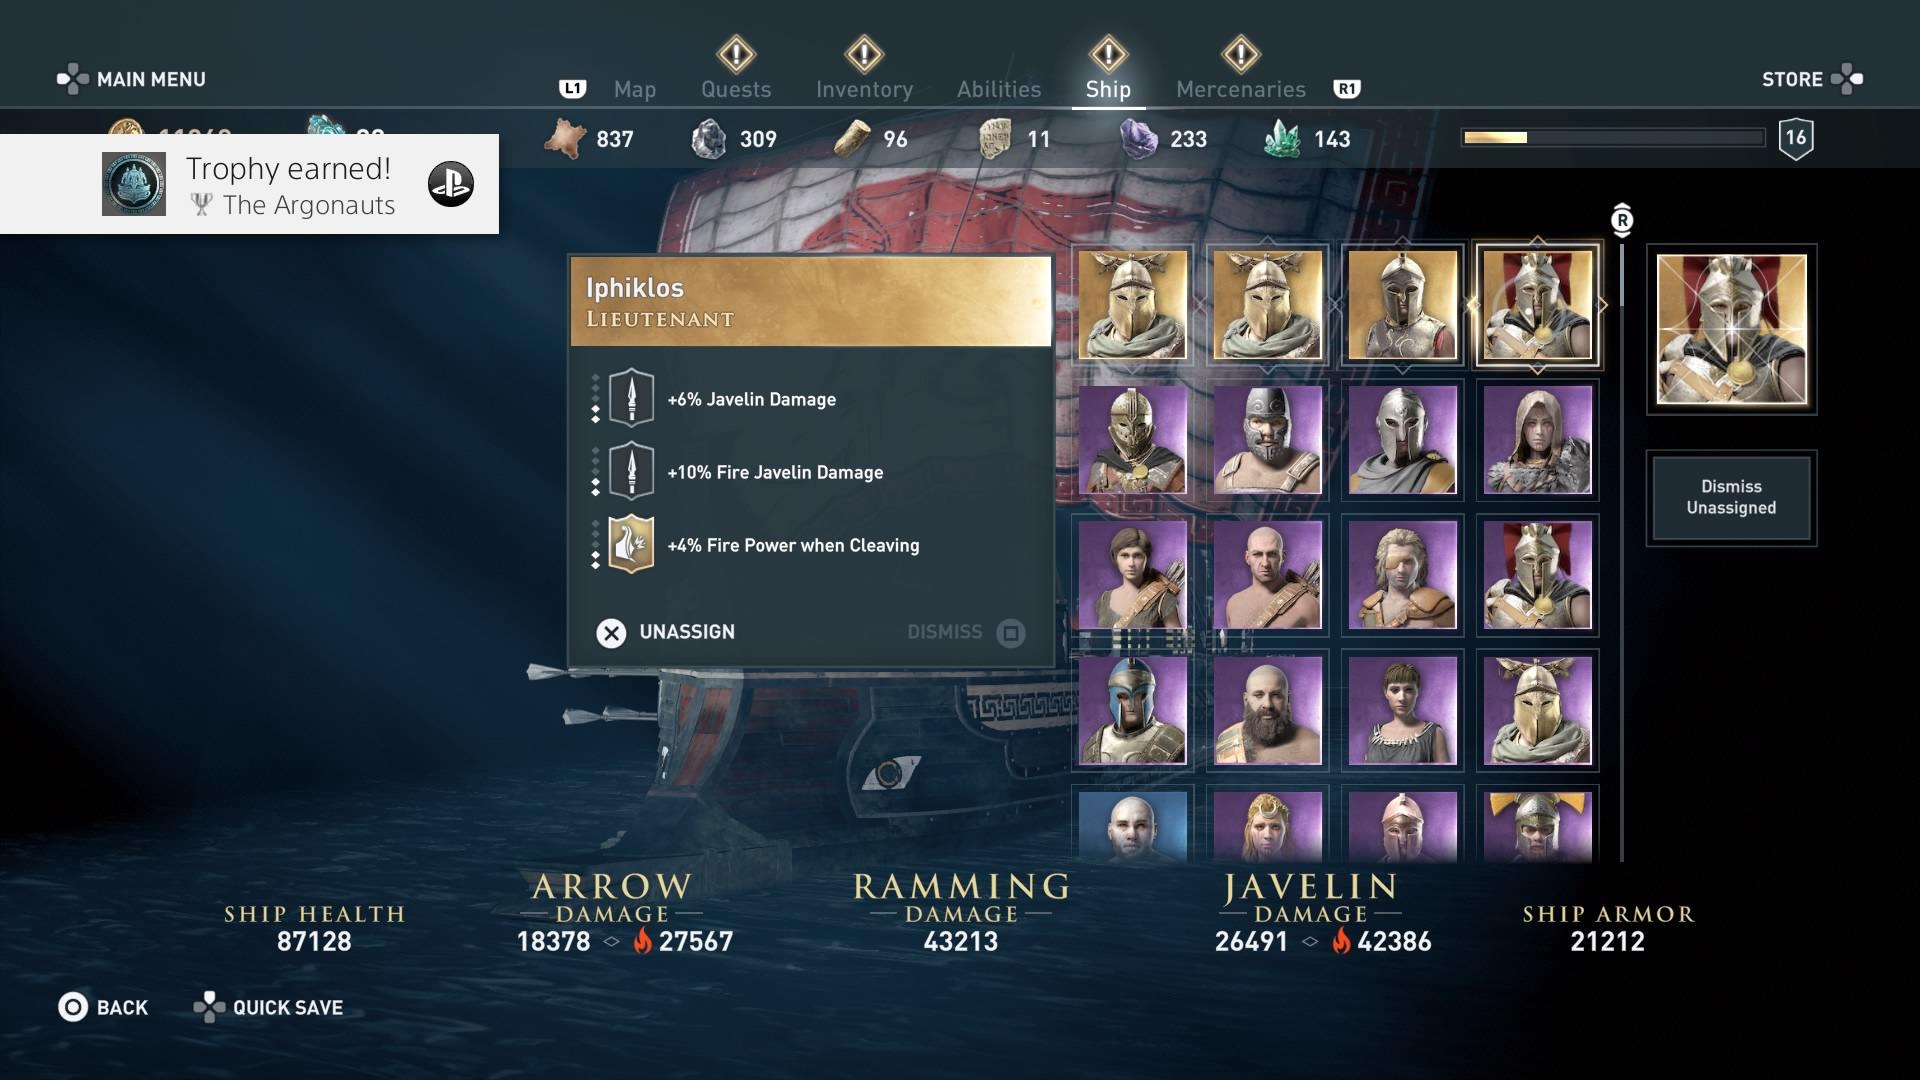 Ein wichtiges Element in Assassin's Creed Odyssey ist die Zusammenstellung der Schiffscrew